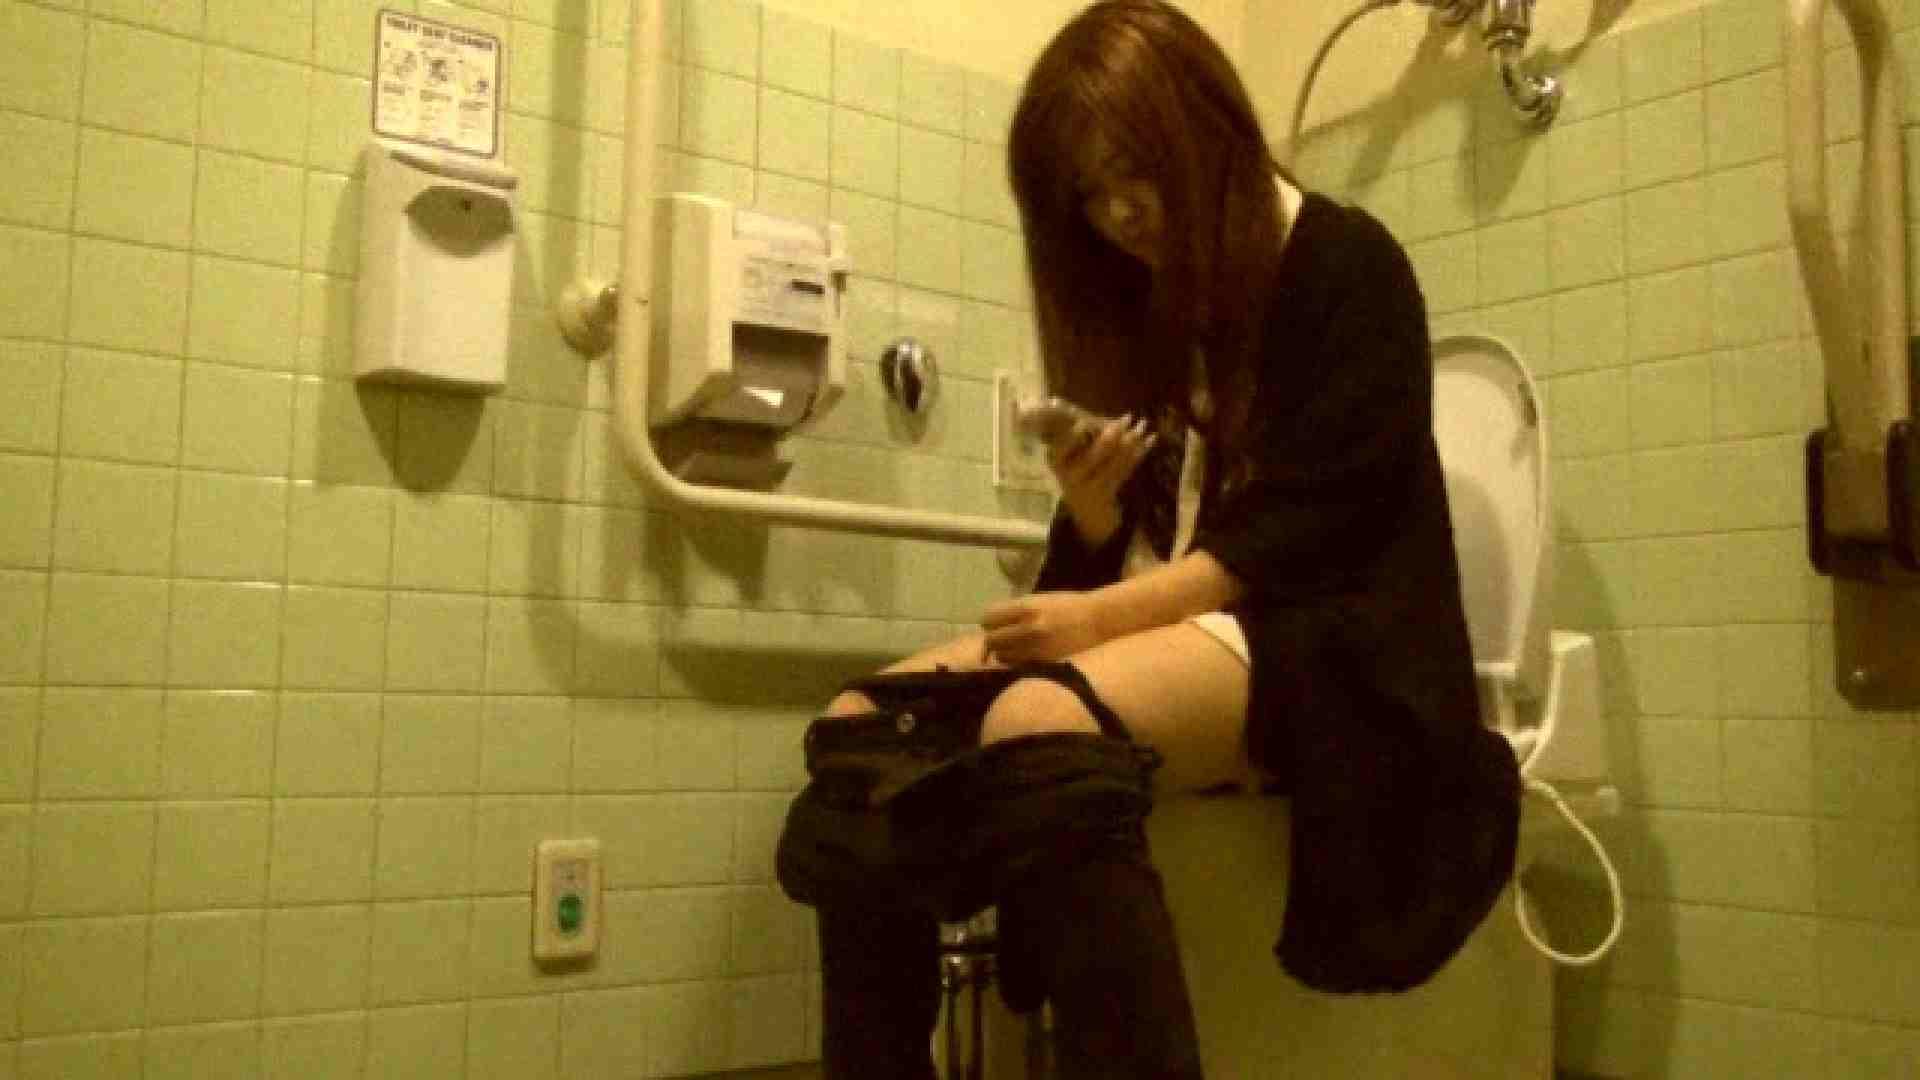 魔術師の お・も・て・な・し vol.26 19歳のバーの店員さんの洗面所をしばし… 洗面所 隠し撮りおまんこ動画流出 90pic 59